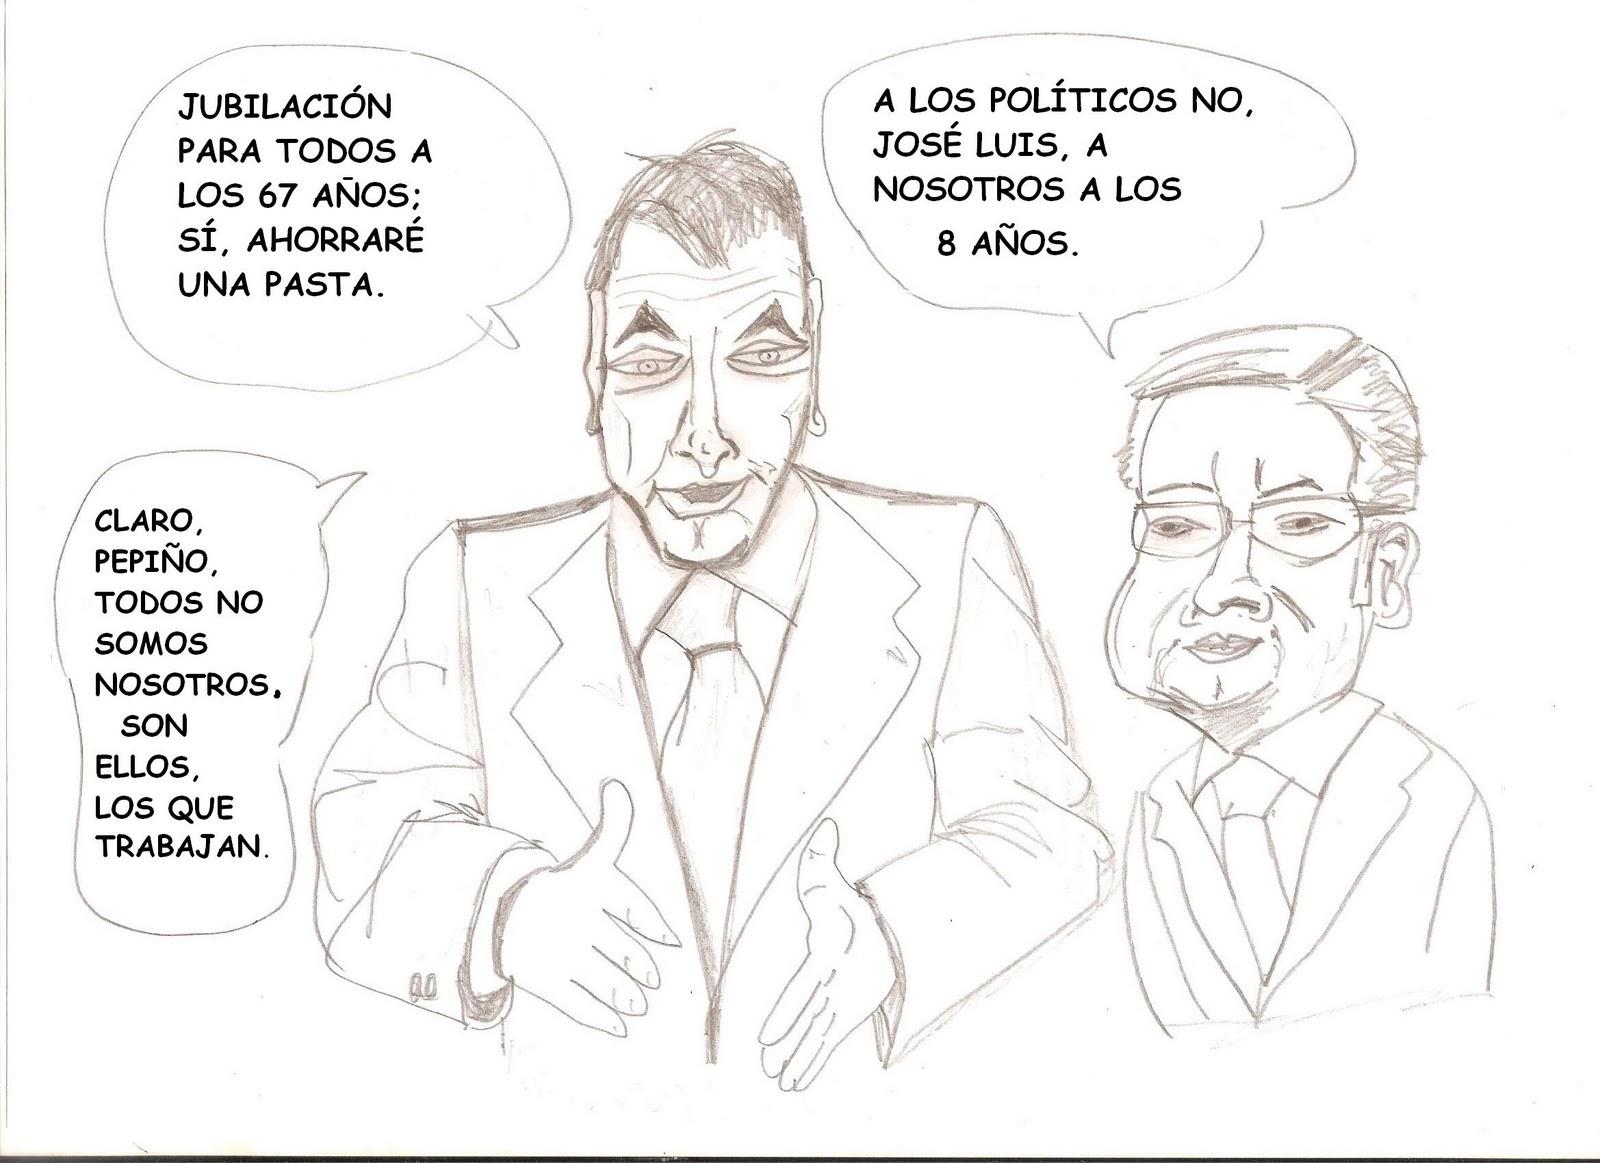 El Periodico Mas Breve Diciembre